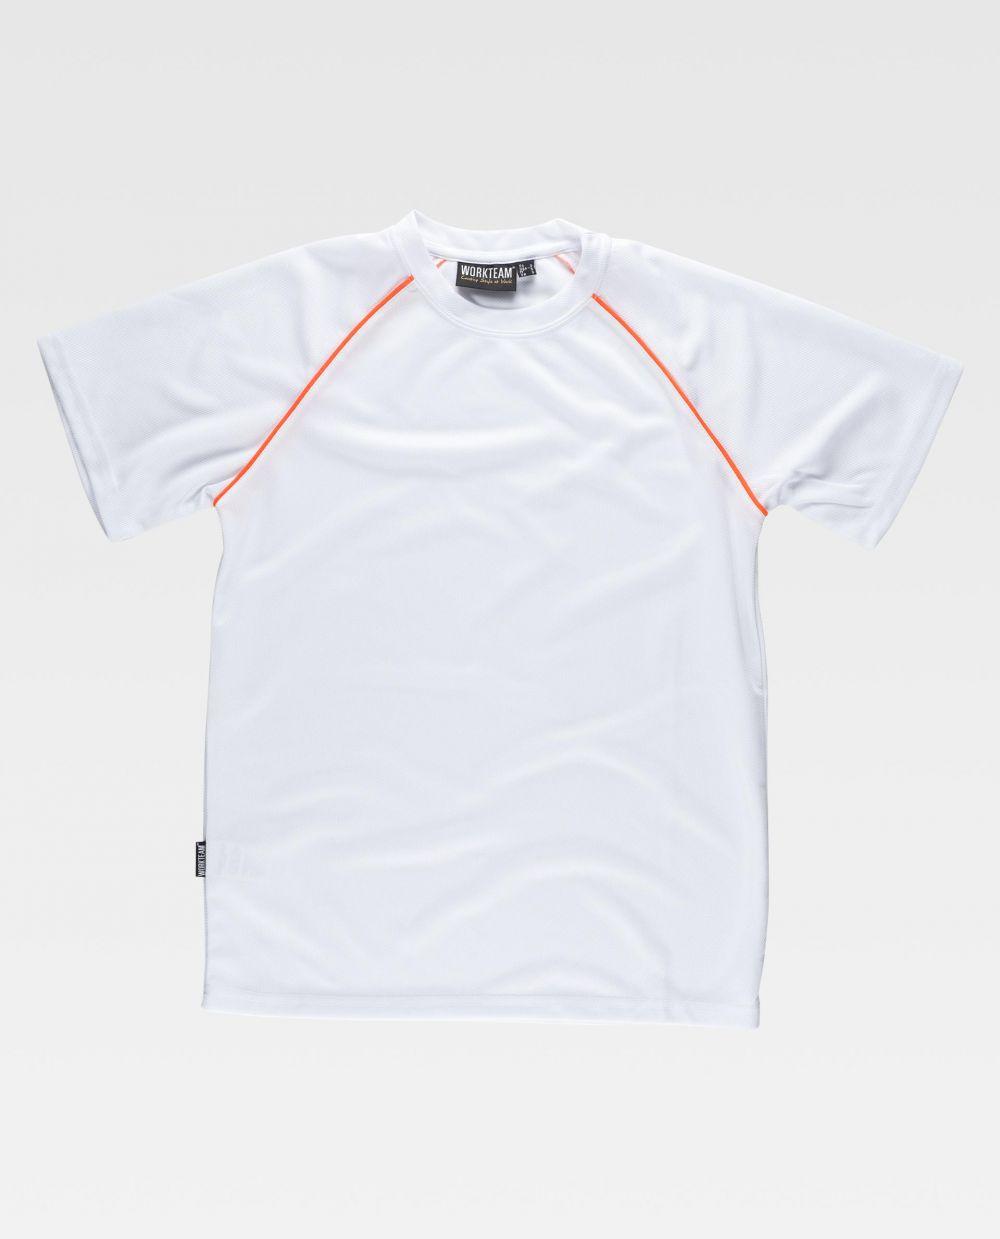 Camisetas de trabajo workteam s6640 de poliéster con impresión vista 2